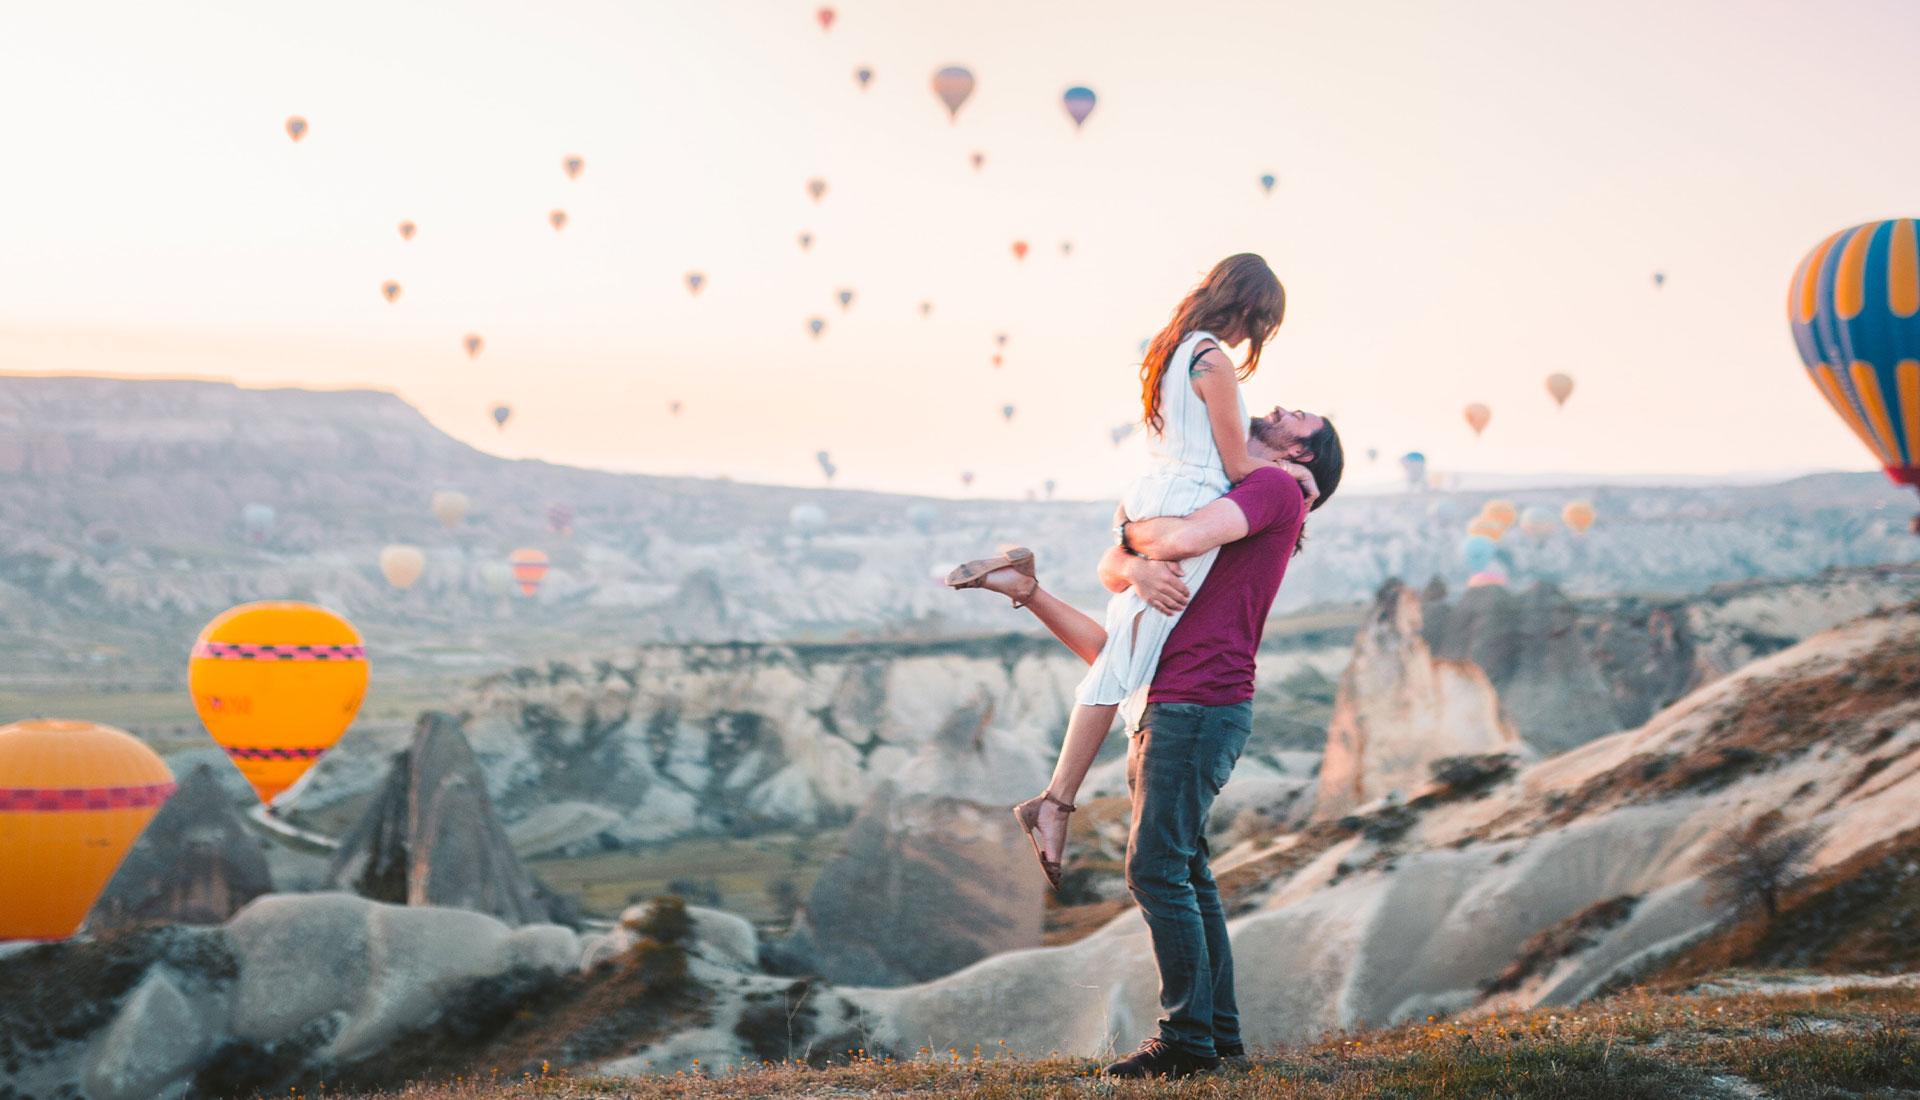 الأماكن الأكثر رومانسية في تركيا يجب على كل زوجين في الحب زيارة